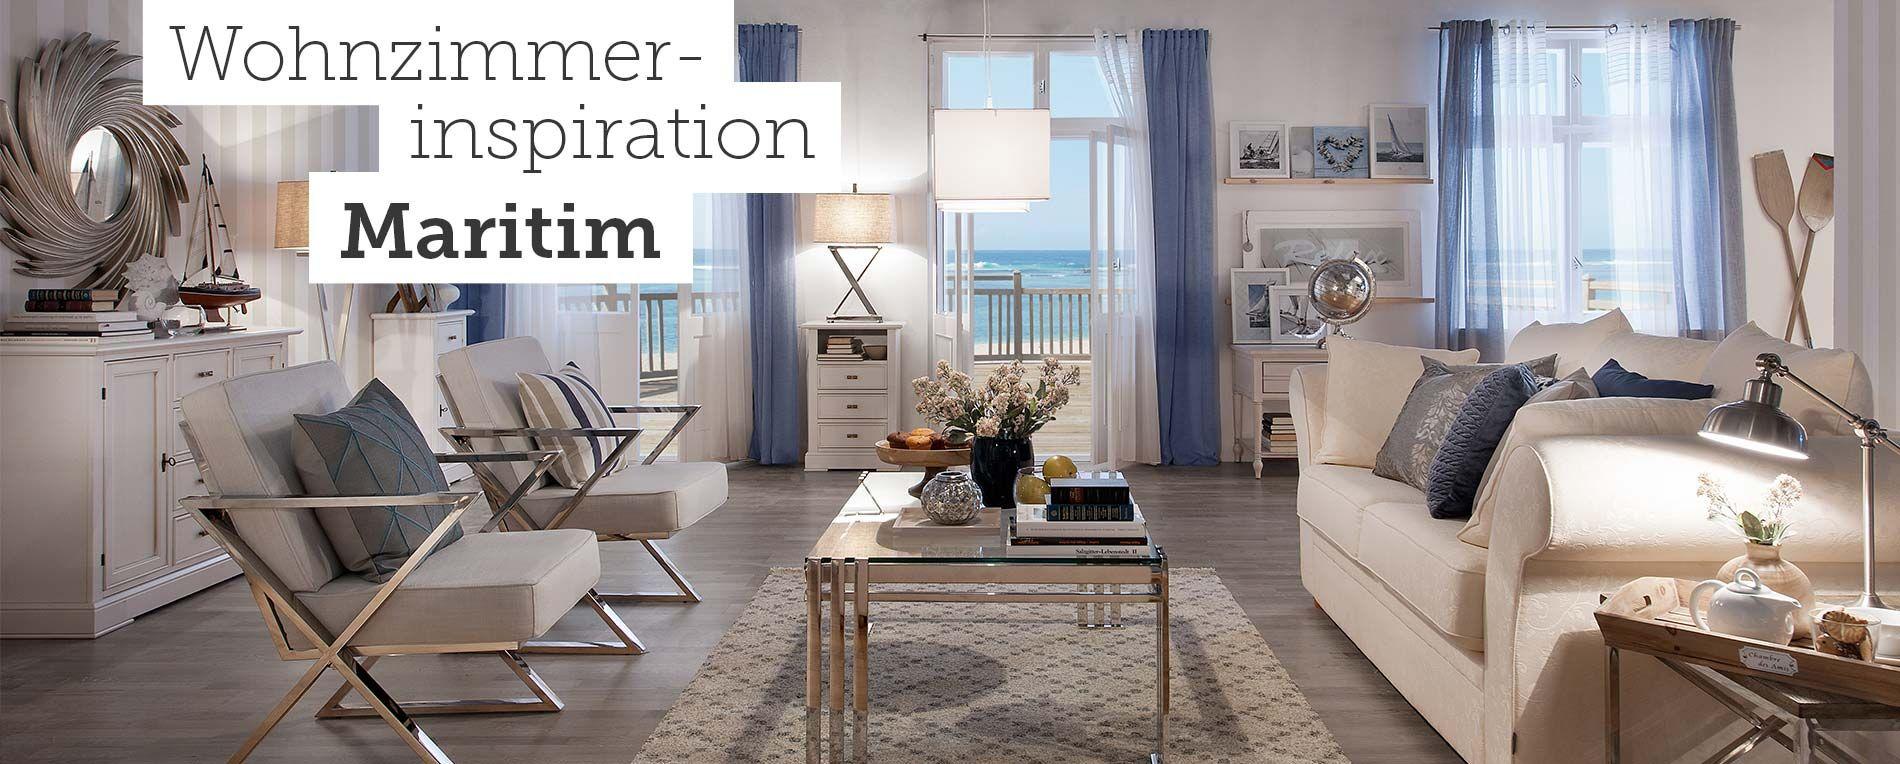 Wohnzimmer Ideen » Wohnzimmermöbel bei Höffner  Landhaus sofa